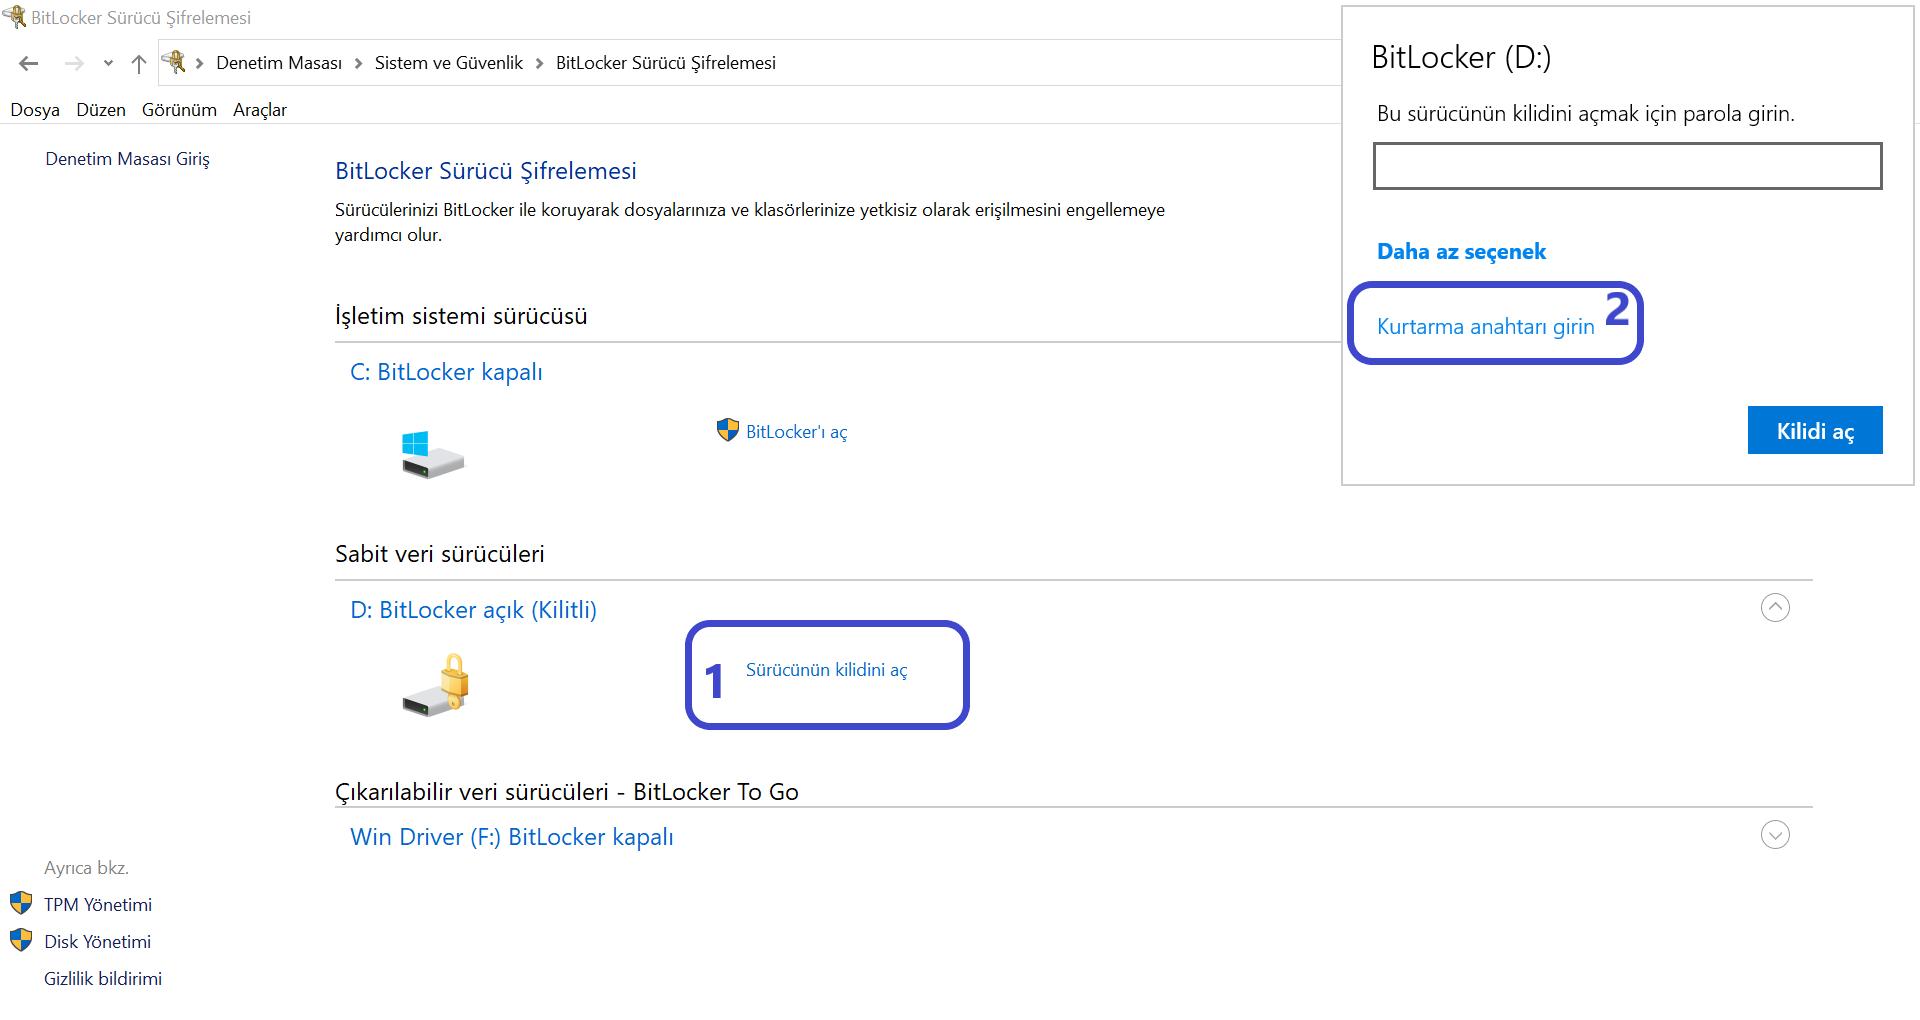 BitLocker Sürücü Şifrelemesinin Açılış Görüntüsü